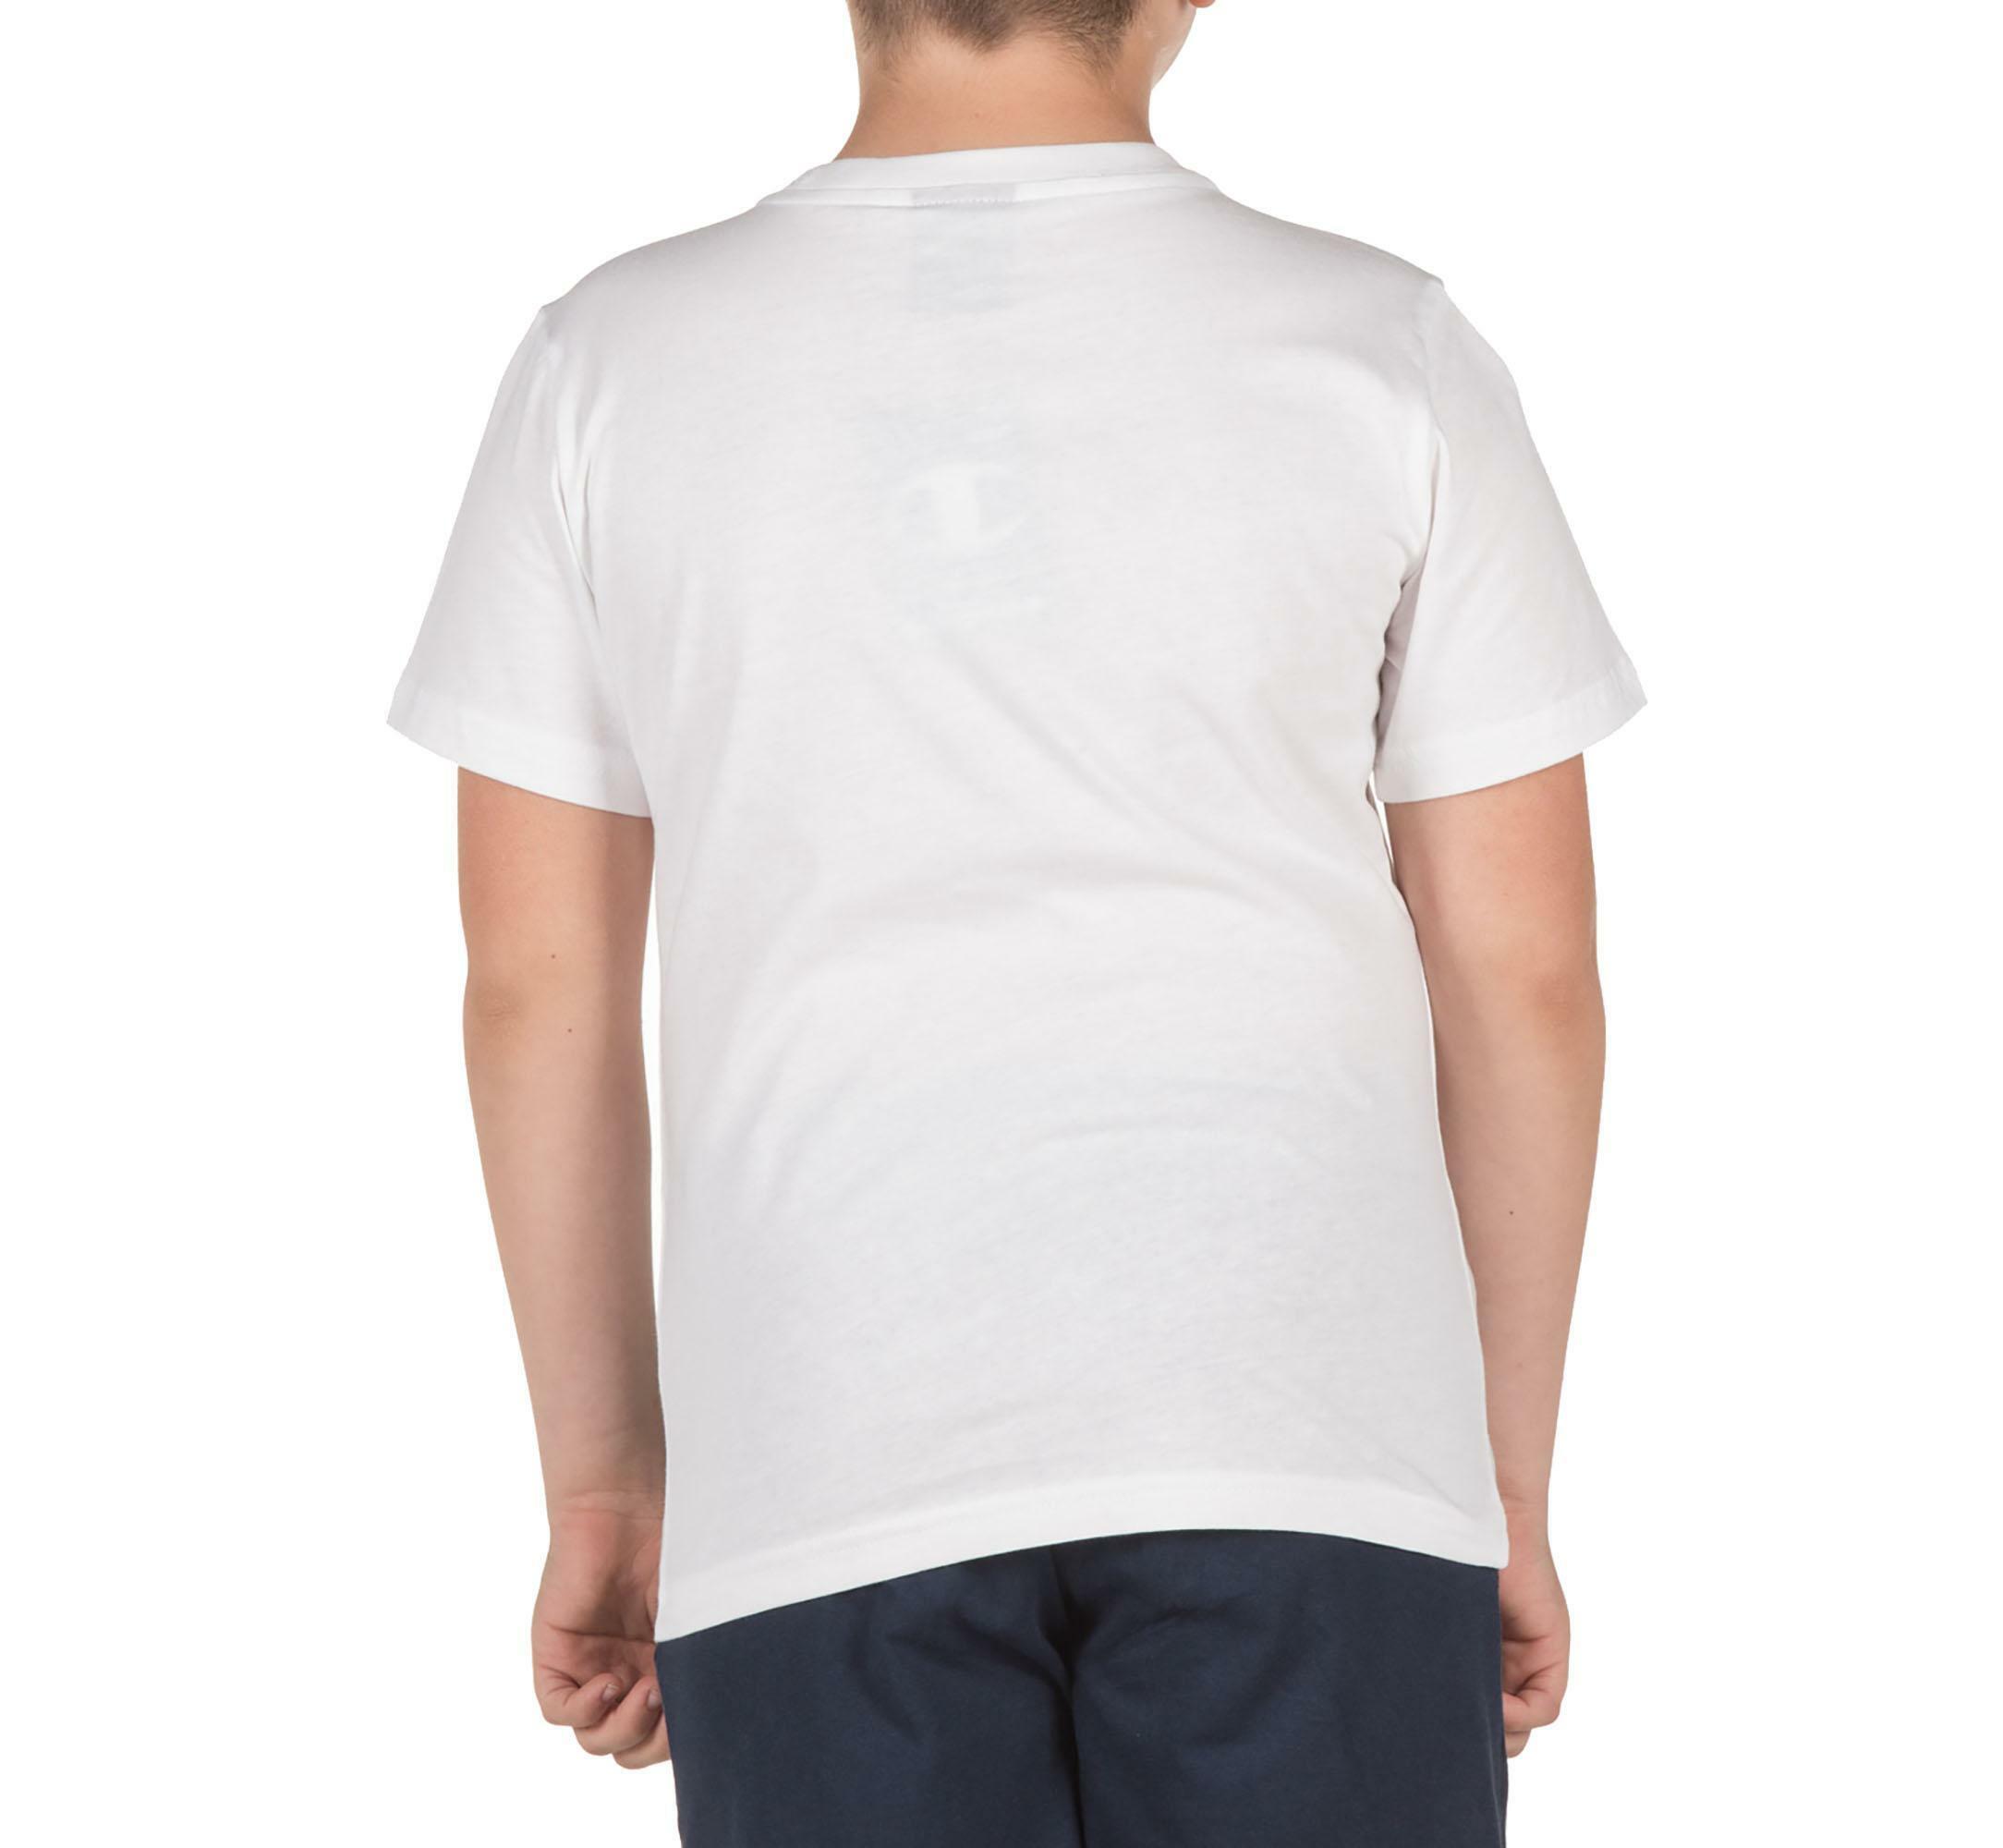 champion champion t-shirt bambino bianca 304946ww001